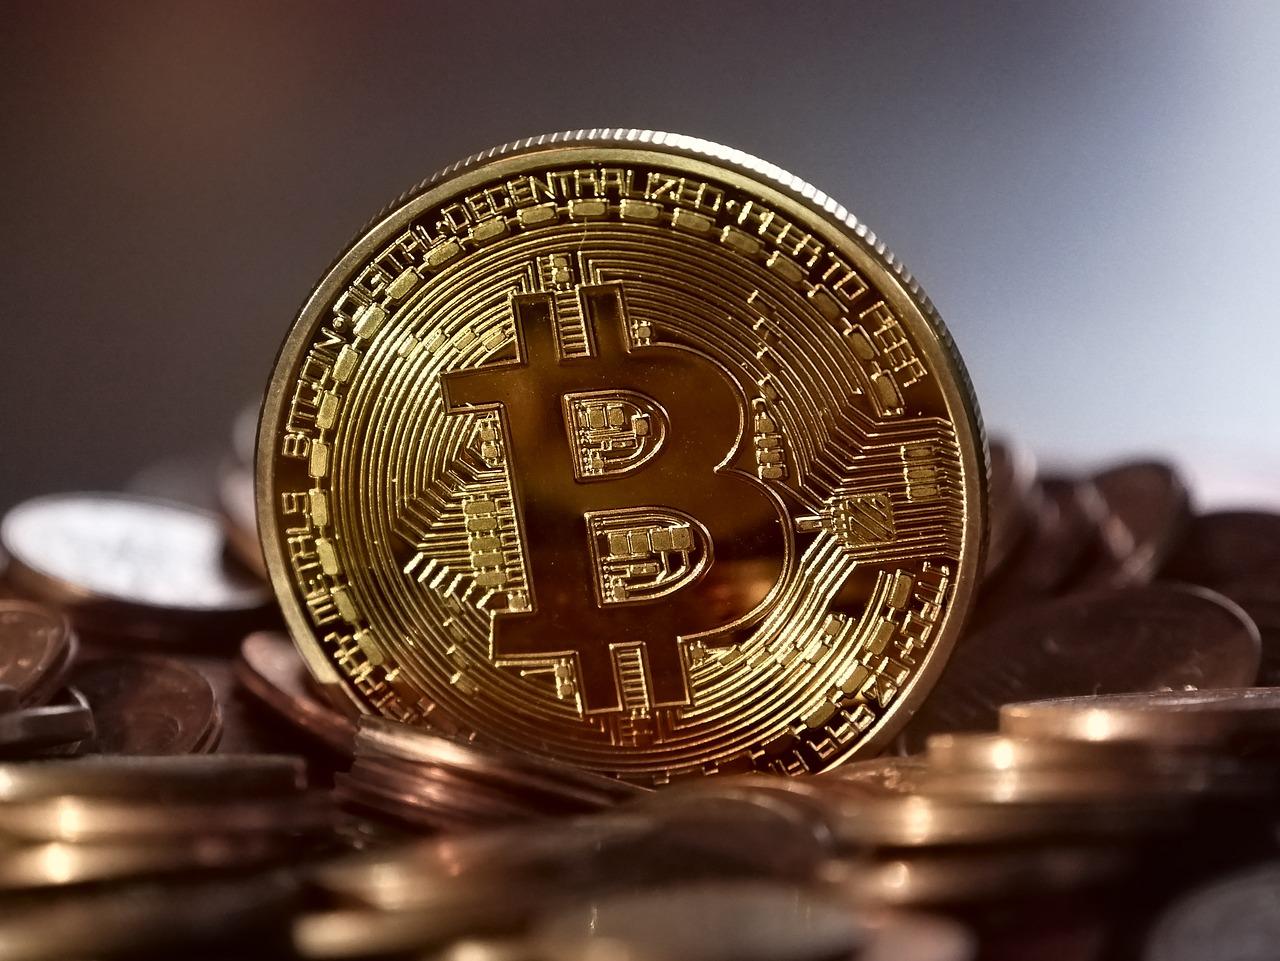 Yra Bitcoins Nemokamai Pinigai, Dvejetainis variantas nuo 10 eurų